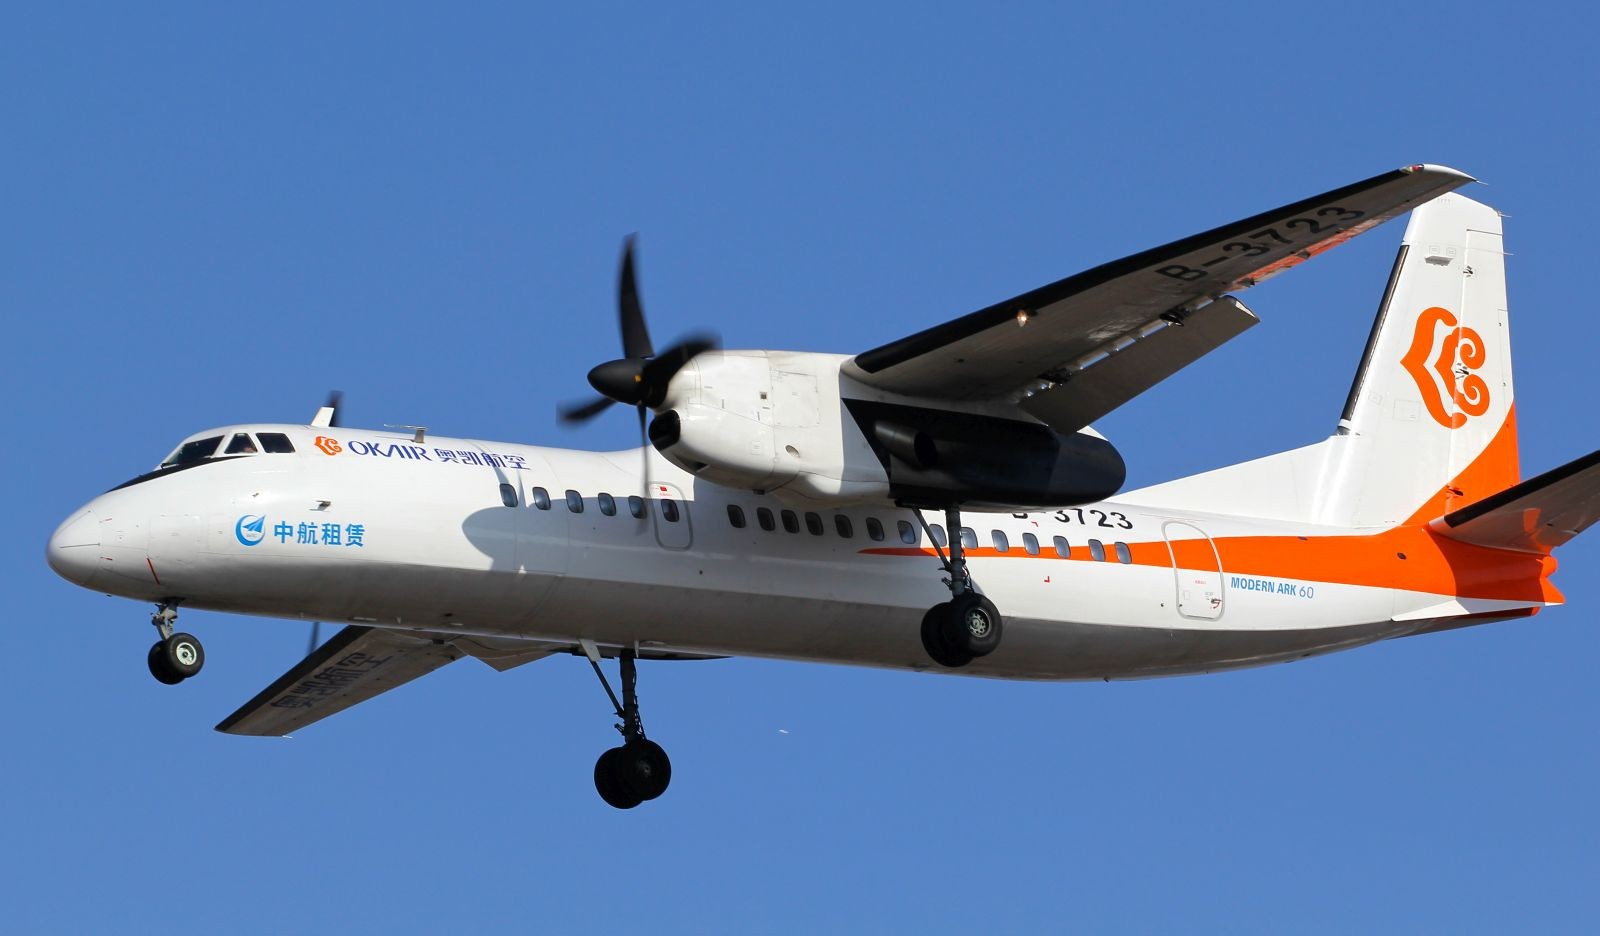 Re:[原创][DLC]冷风万里晴空试镜 XIAN AIRCRAFT MA 60 B-3723 中国大连周水子国际机场